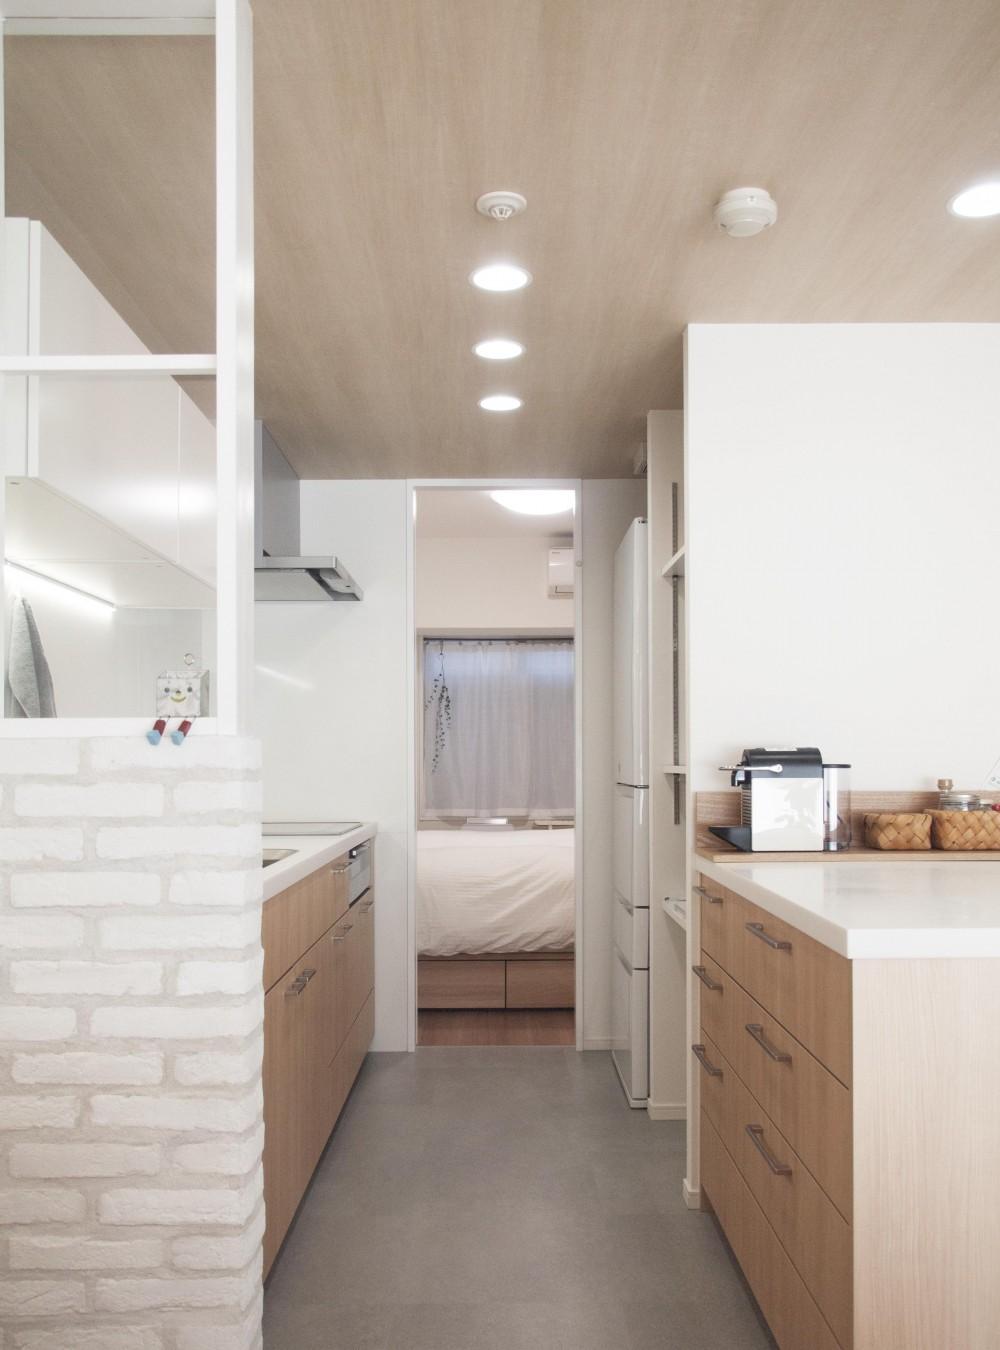 建築家とつくりあげた理想のリノベーション空間 (キッチンにある可動式の収納棚)